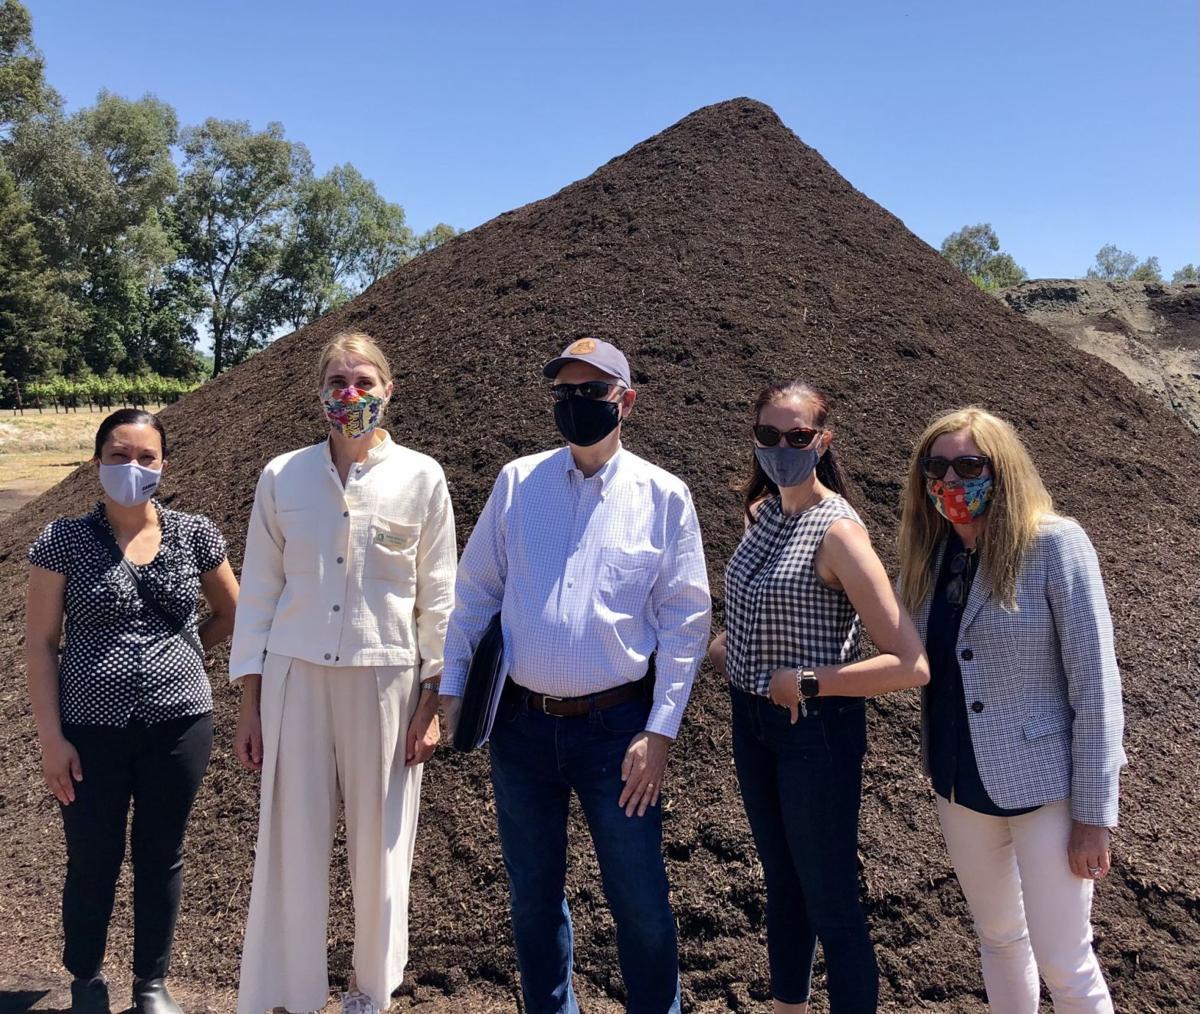 Composting tour